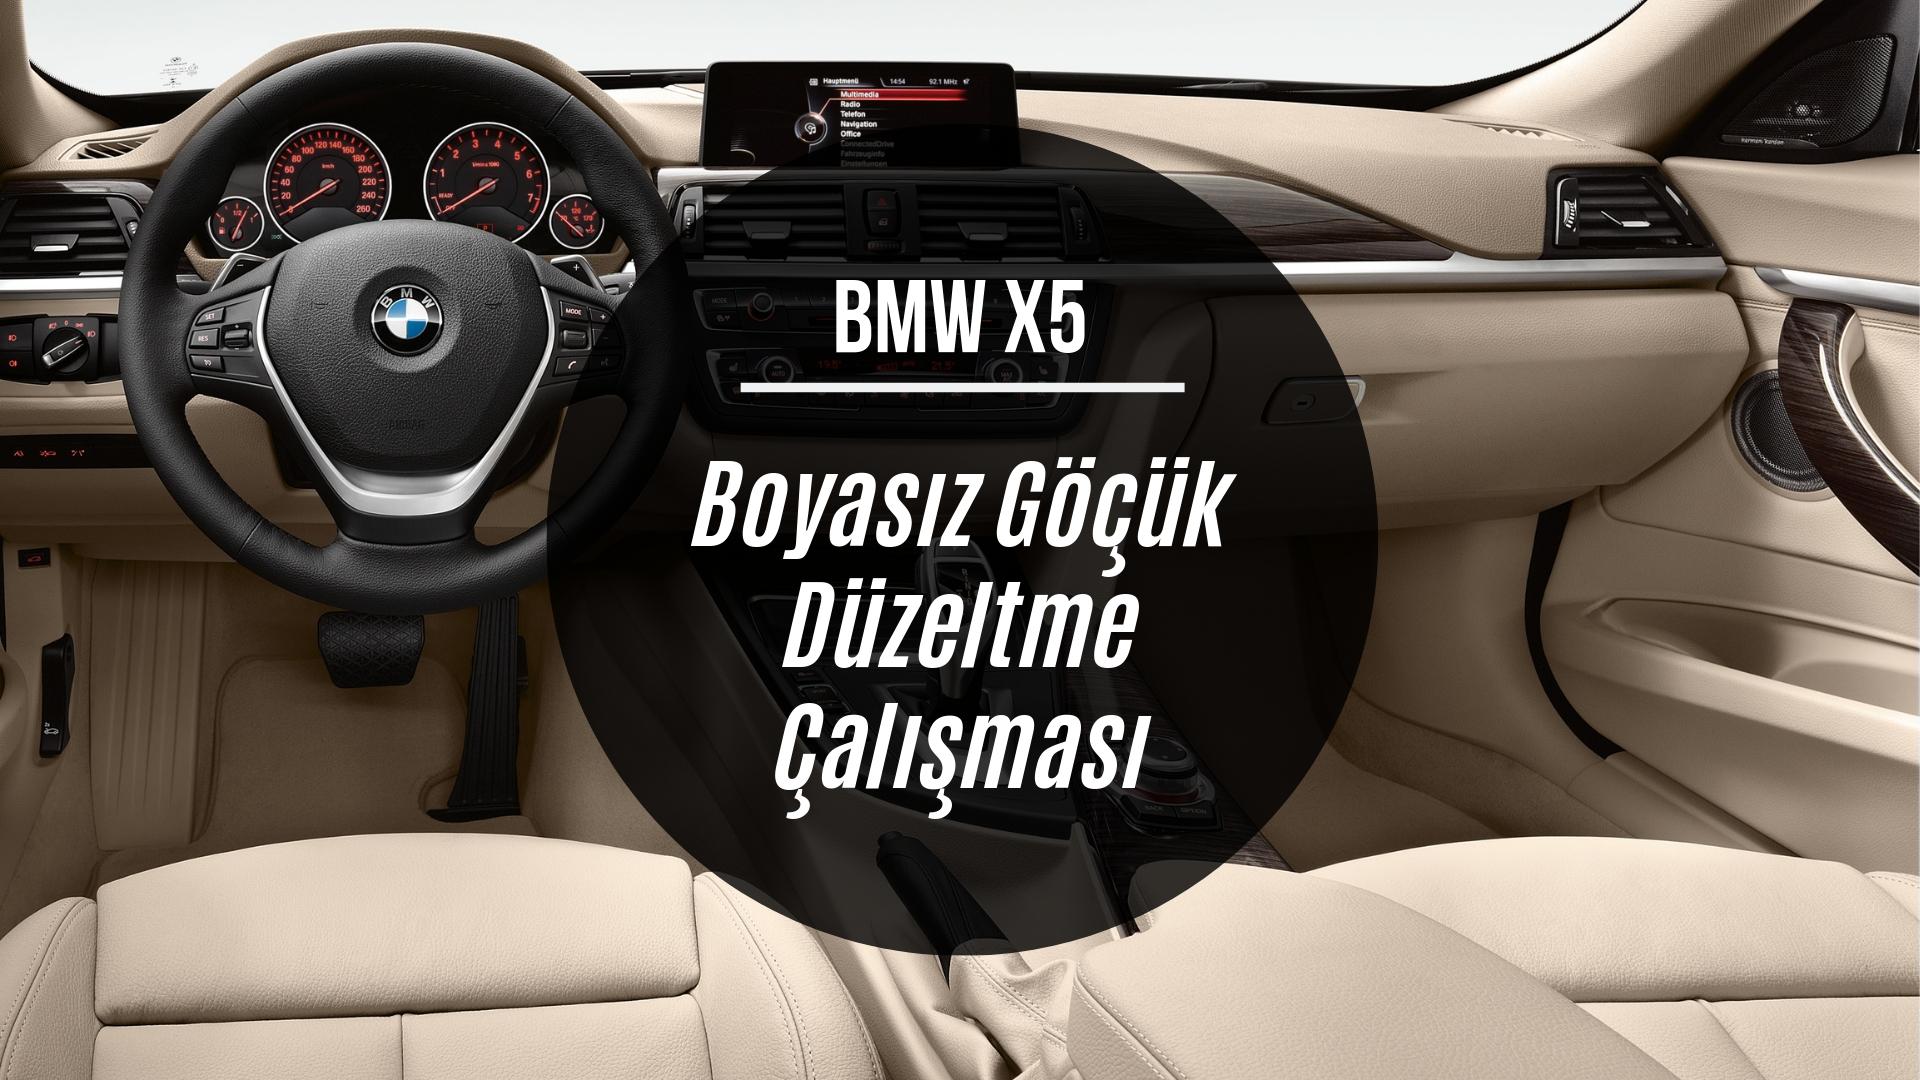 BMW X5 Boyasız Göçük Onarım Uygulaması